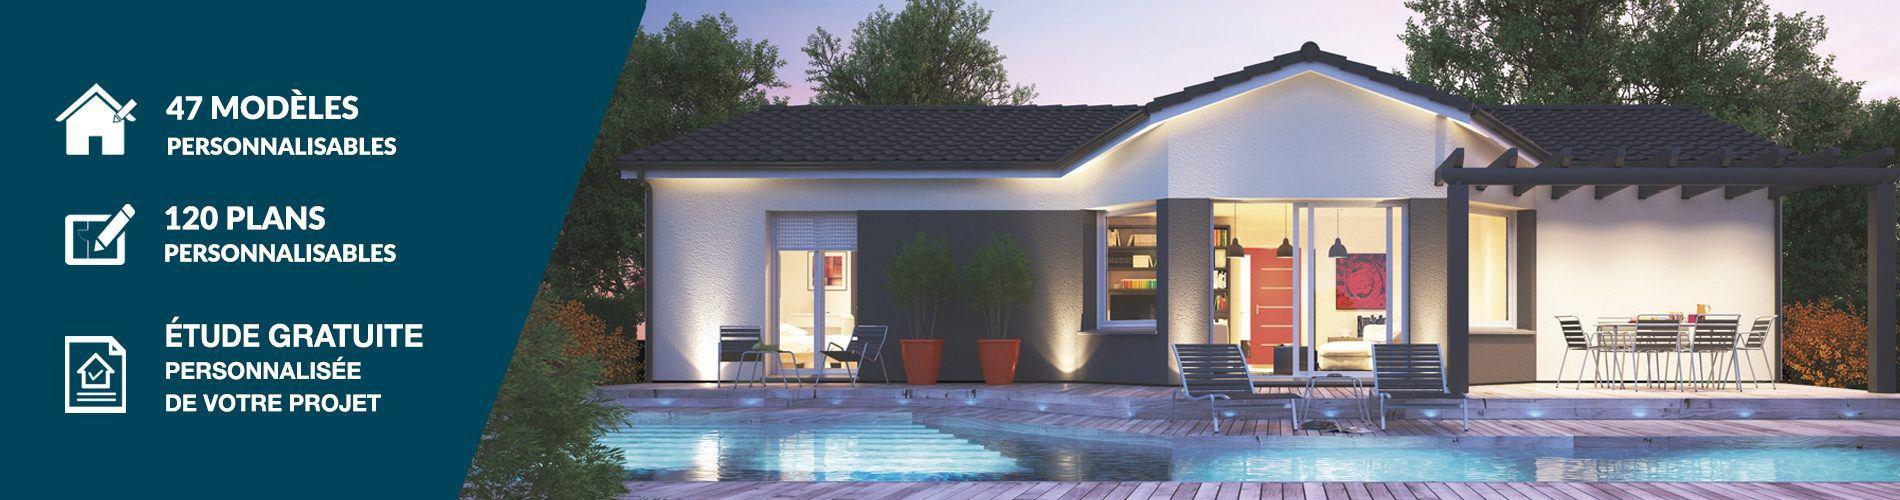 Constructeur Maison Toulouse Prix constructeur maison lot-et-garonne | maisons mca